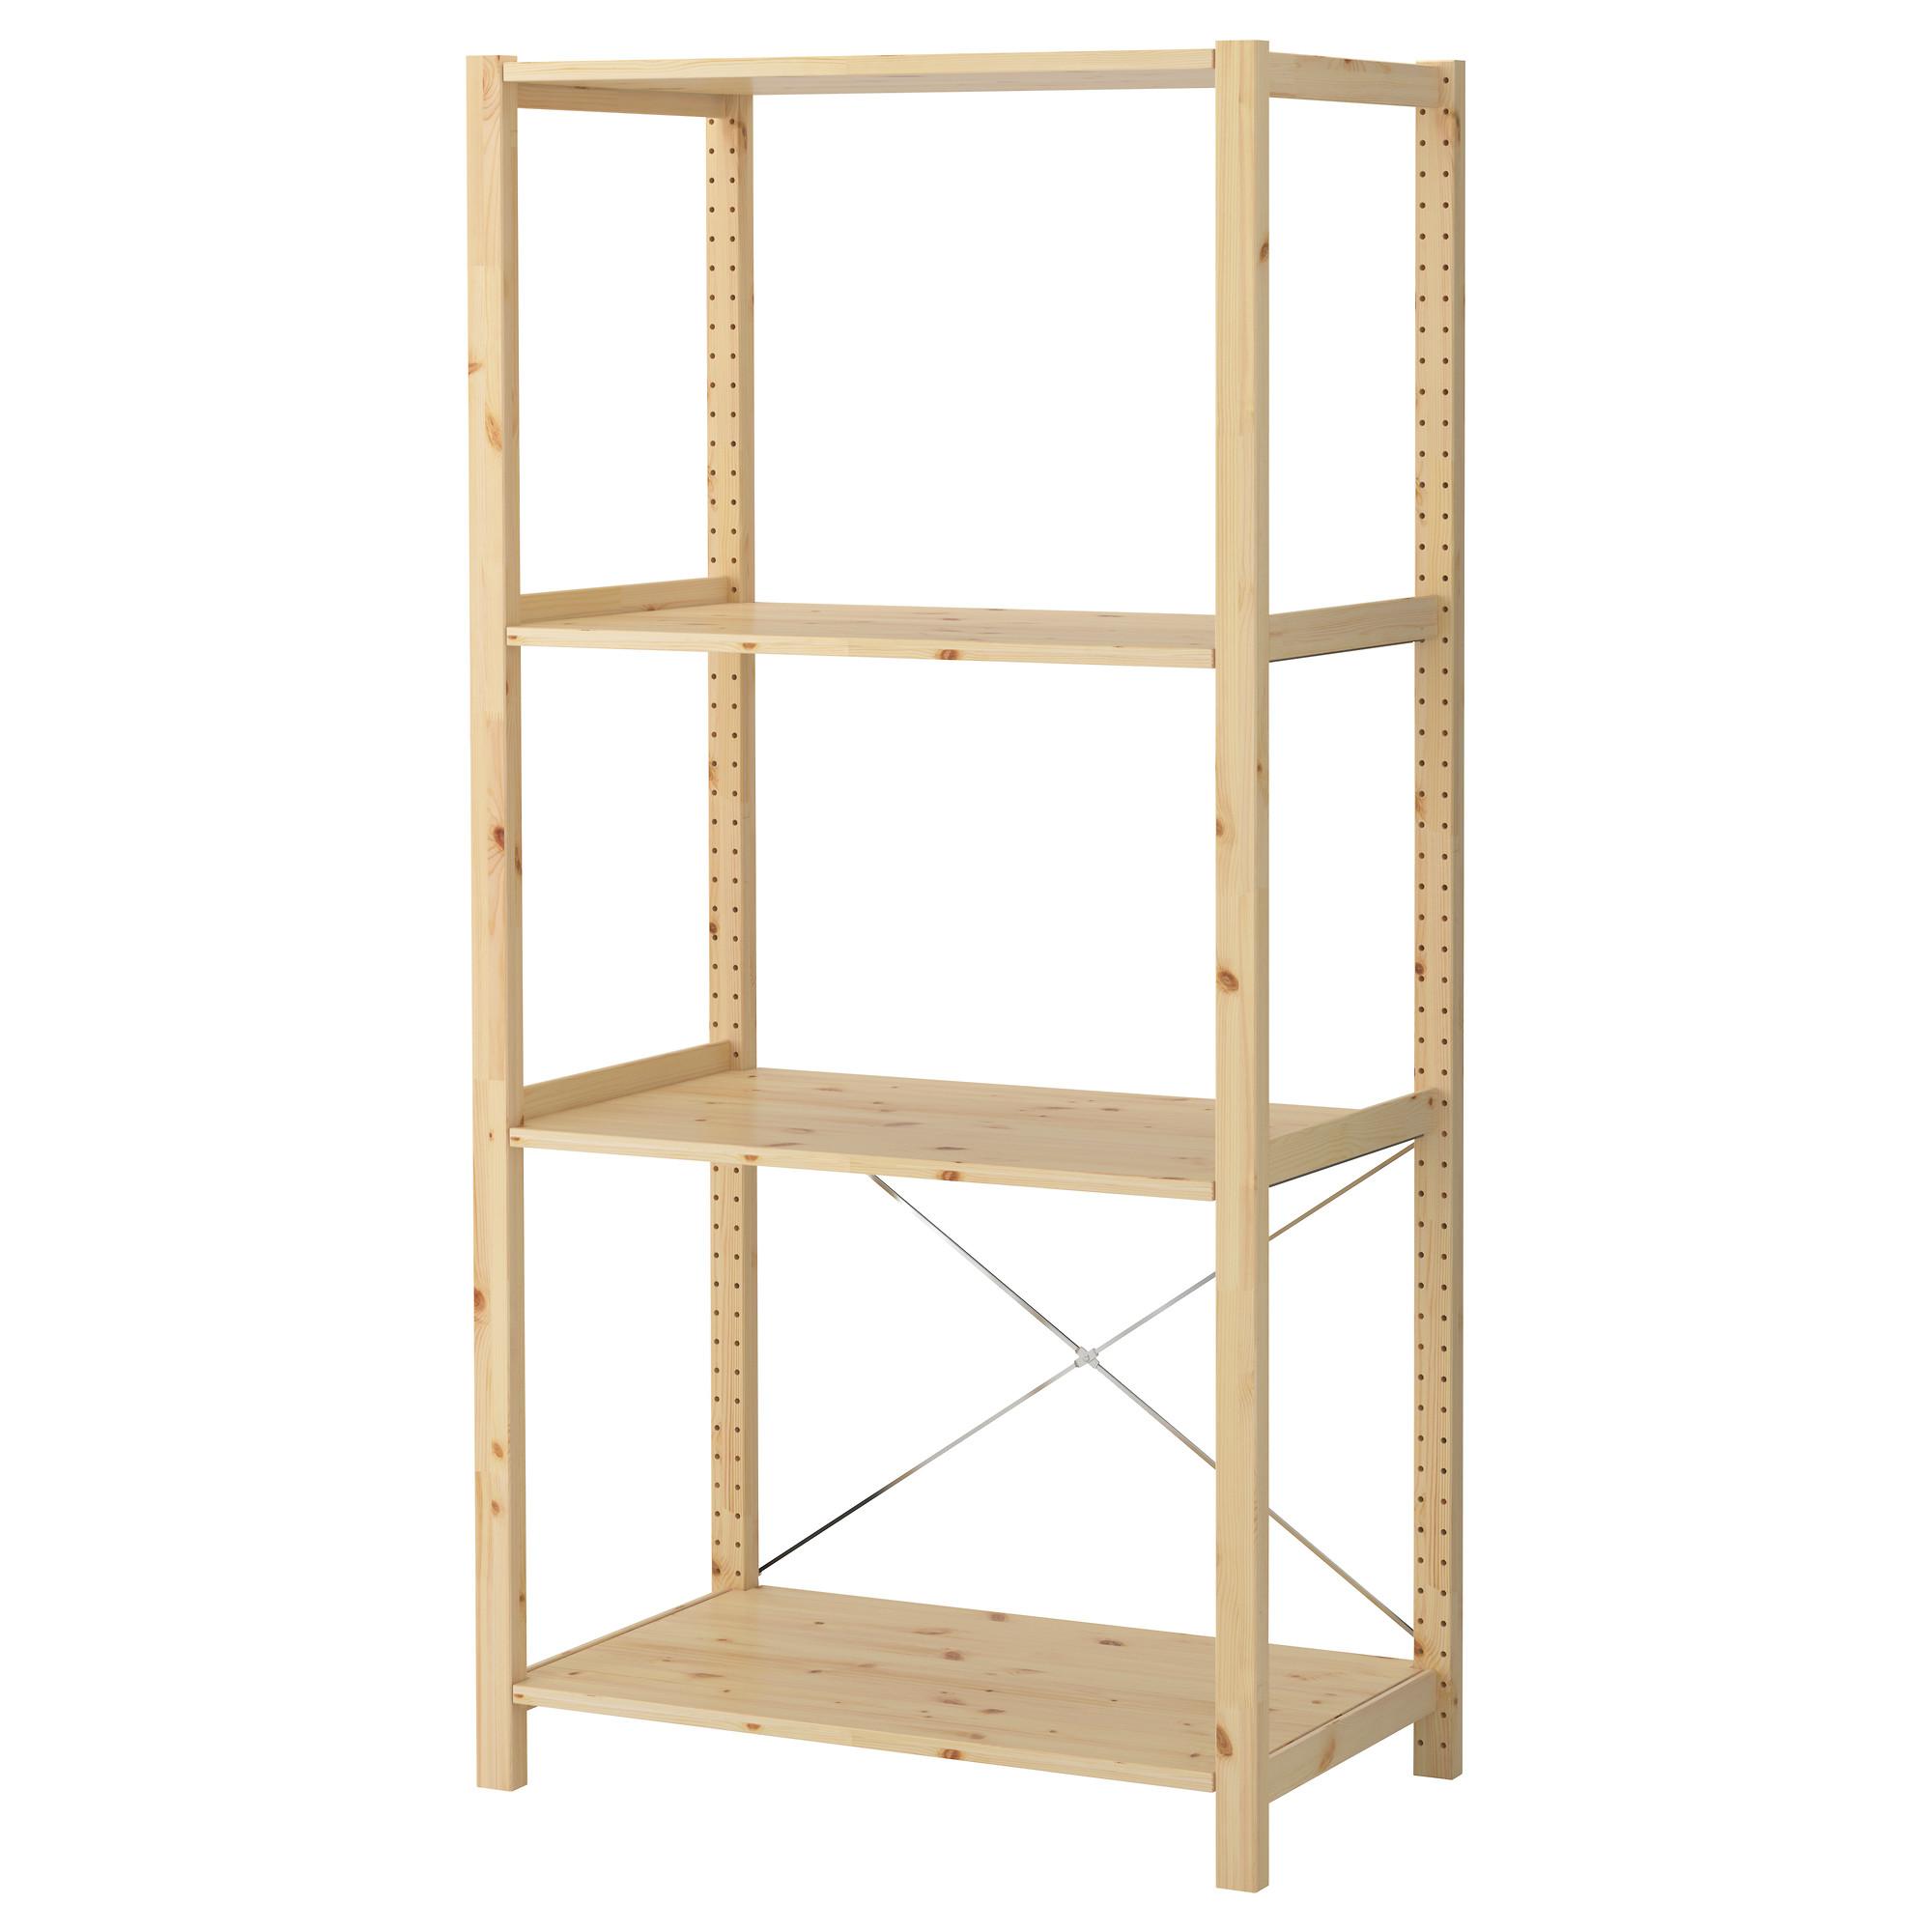 Стеллаж для хранения инвентаря деревянный, разборный (размер.